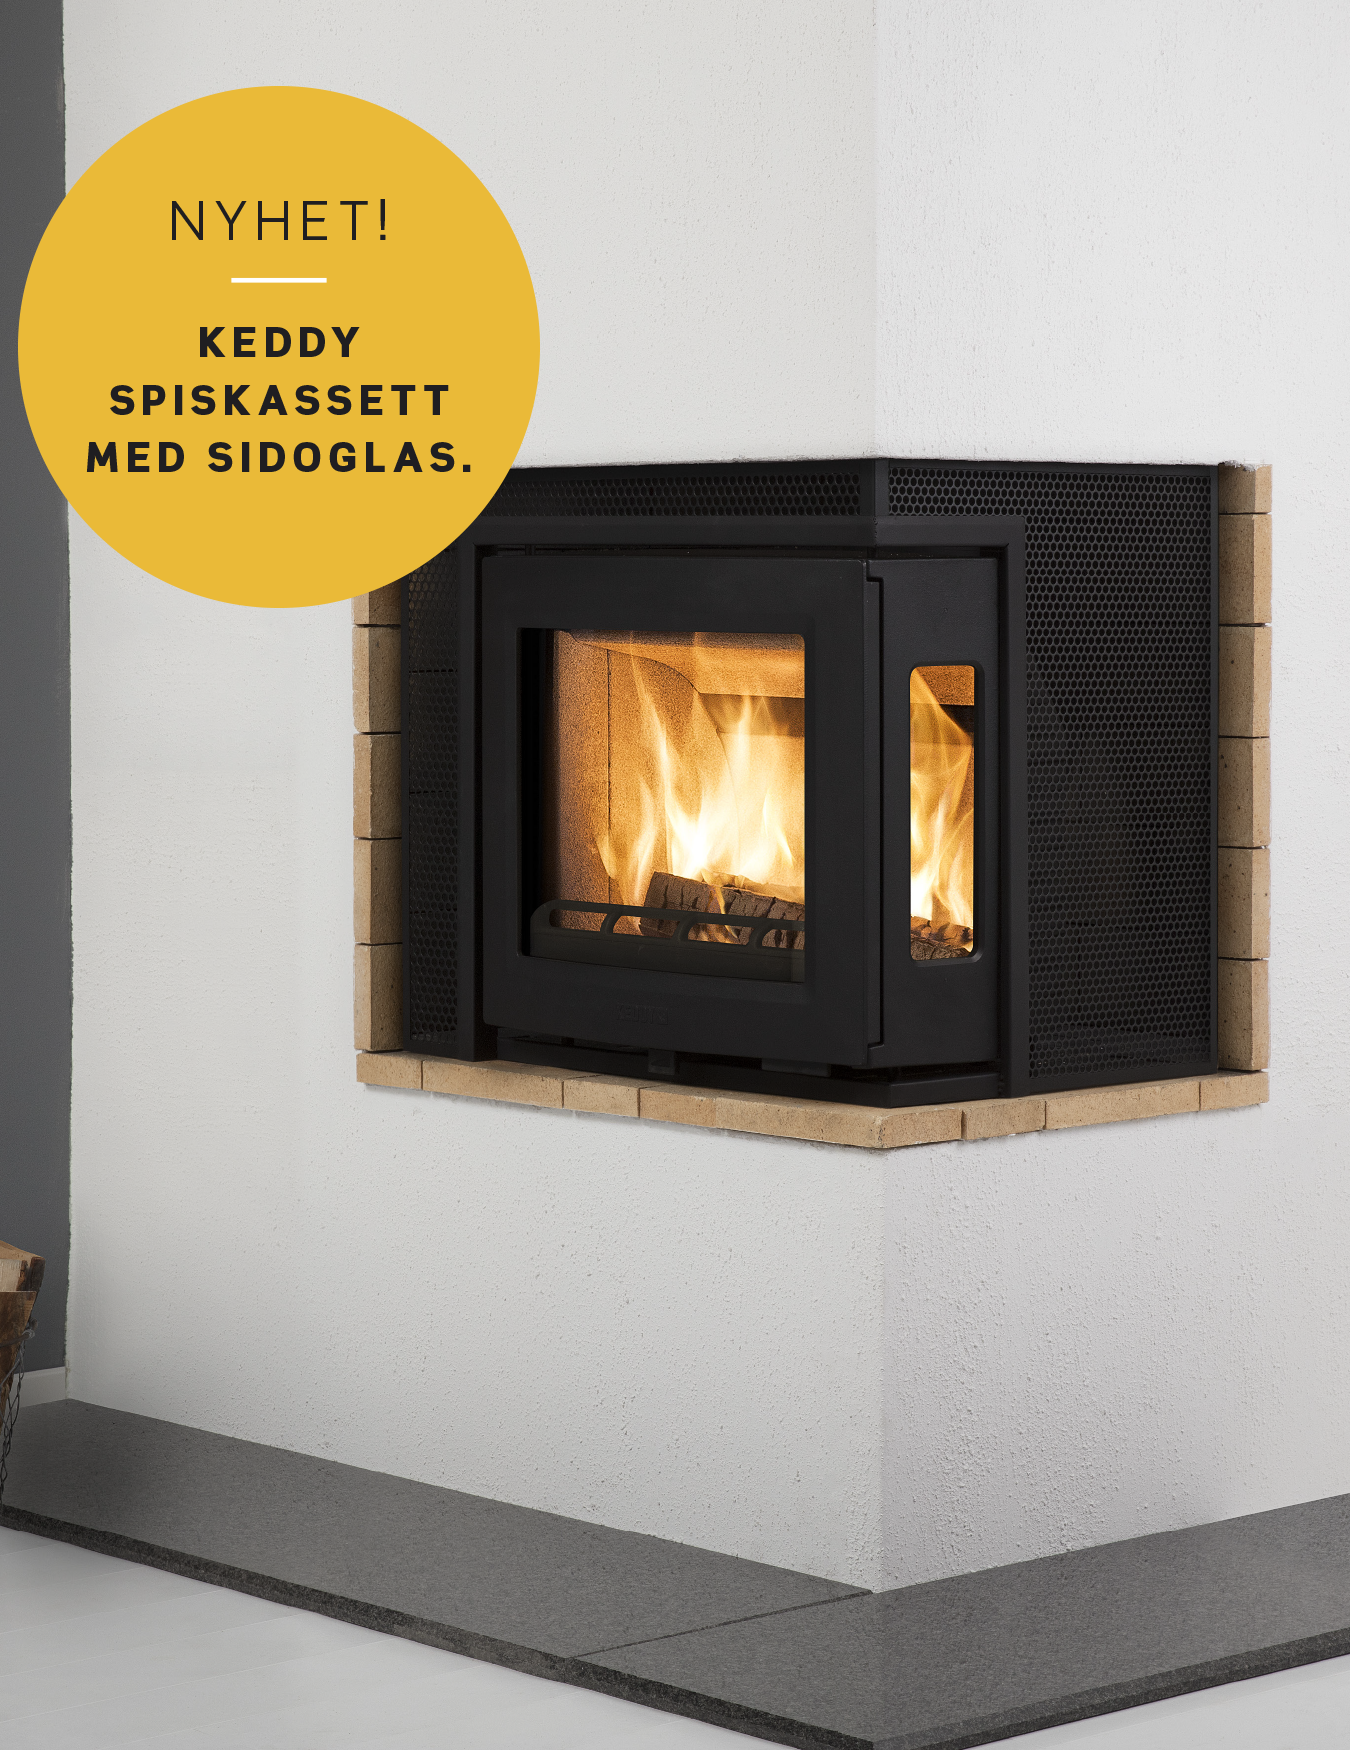 Keddy - En spiskassett för nordiska vintrar